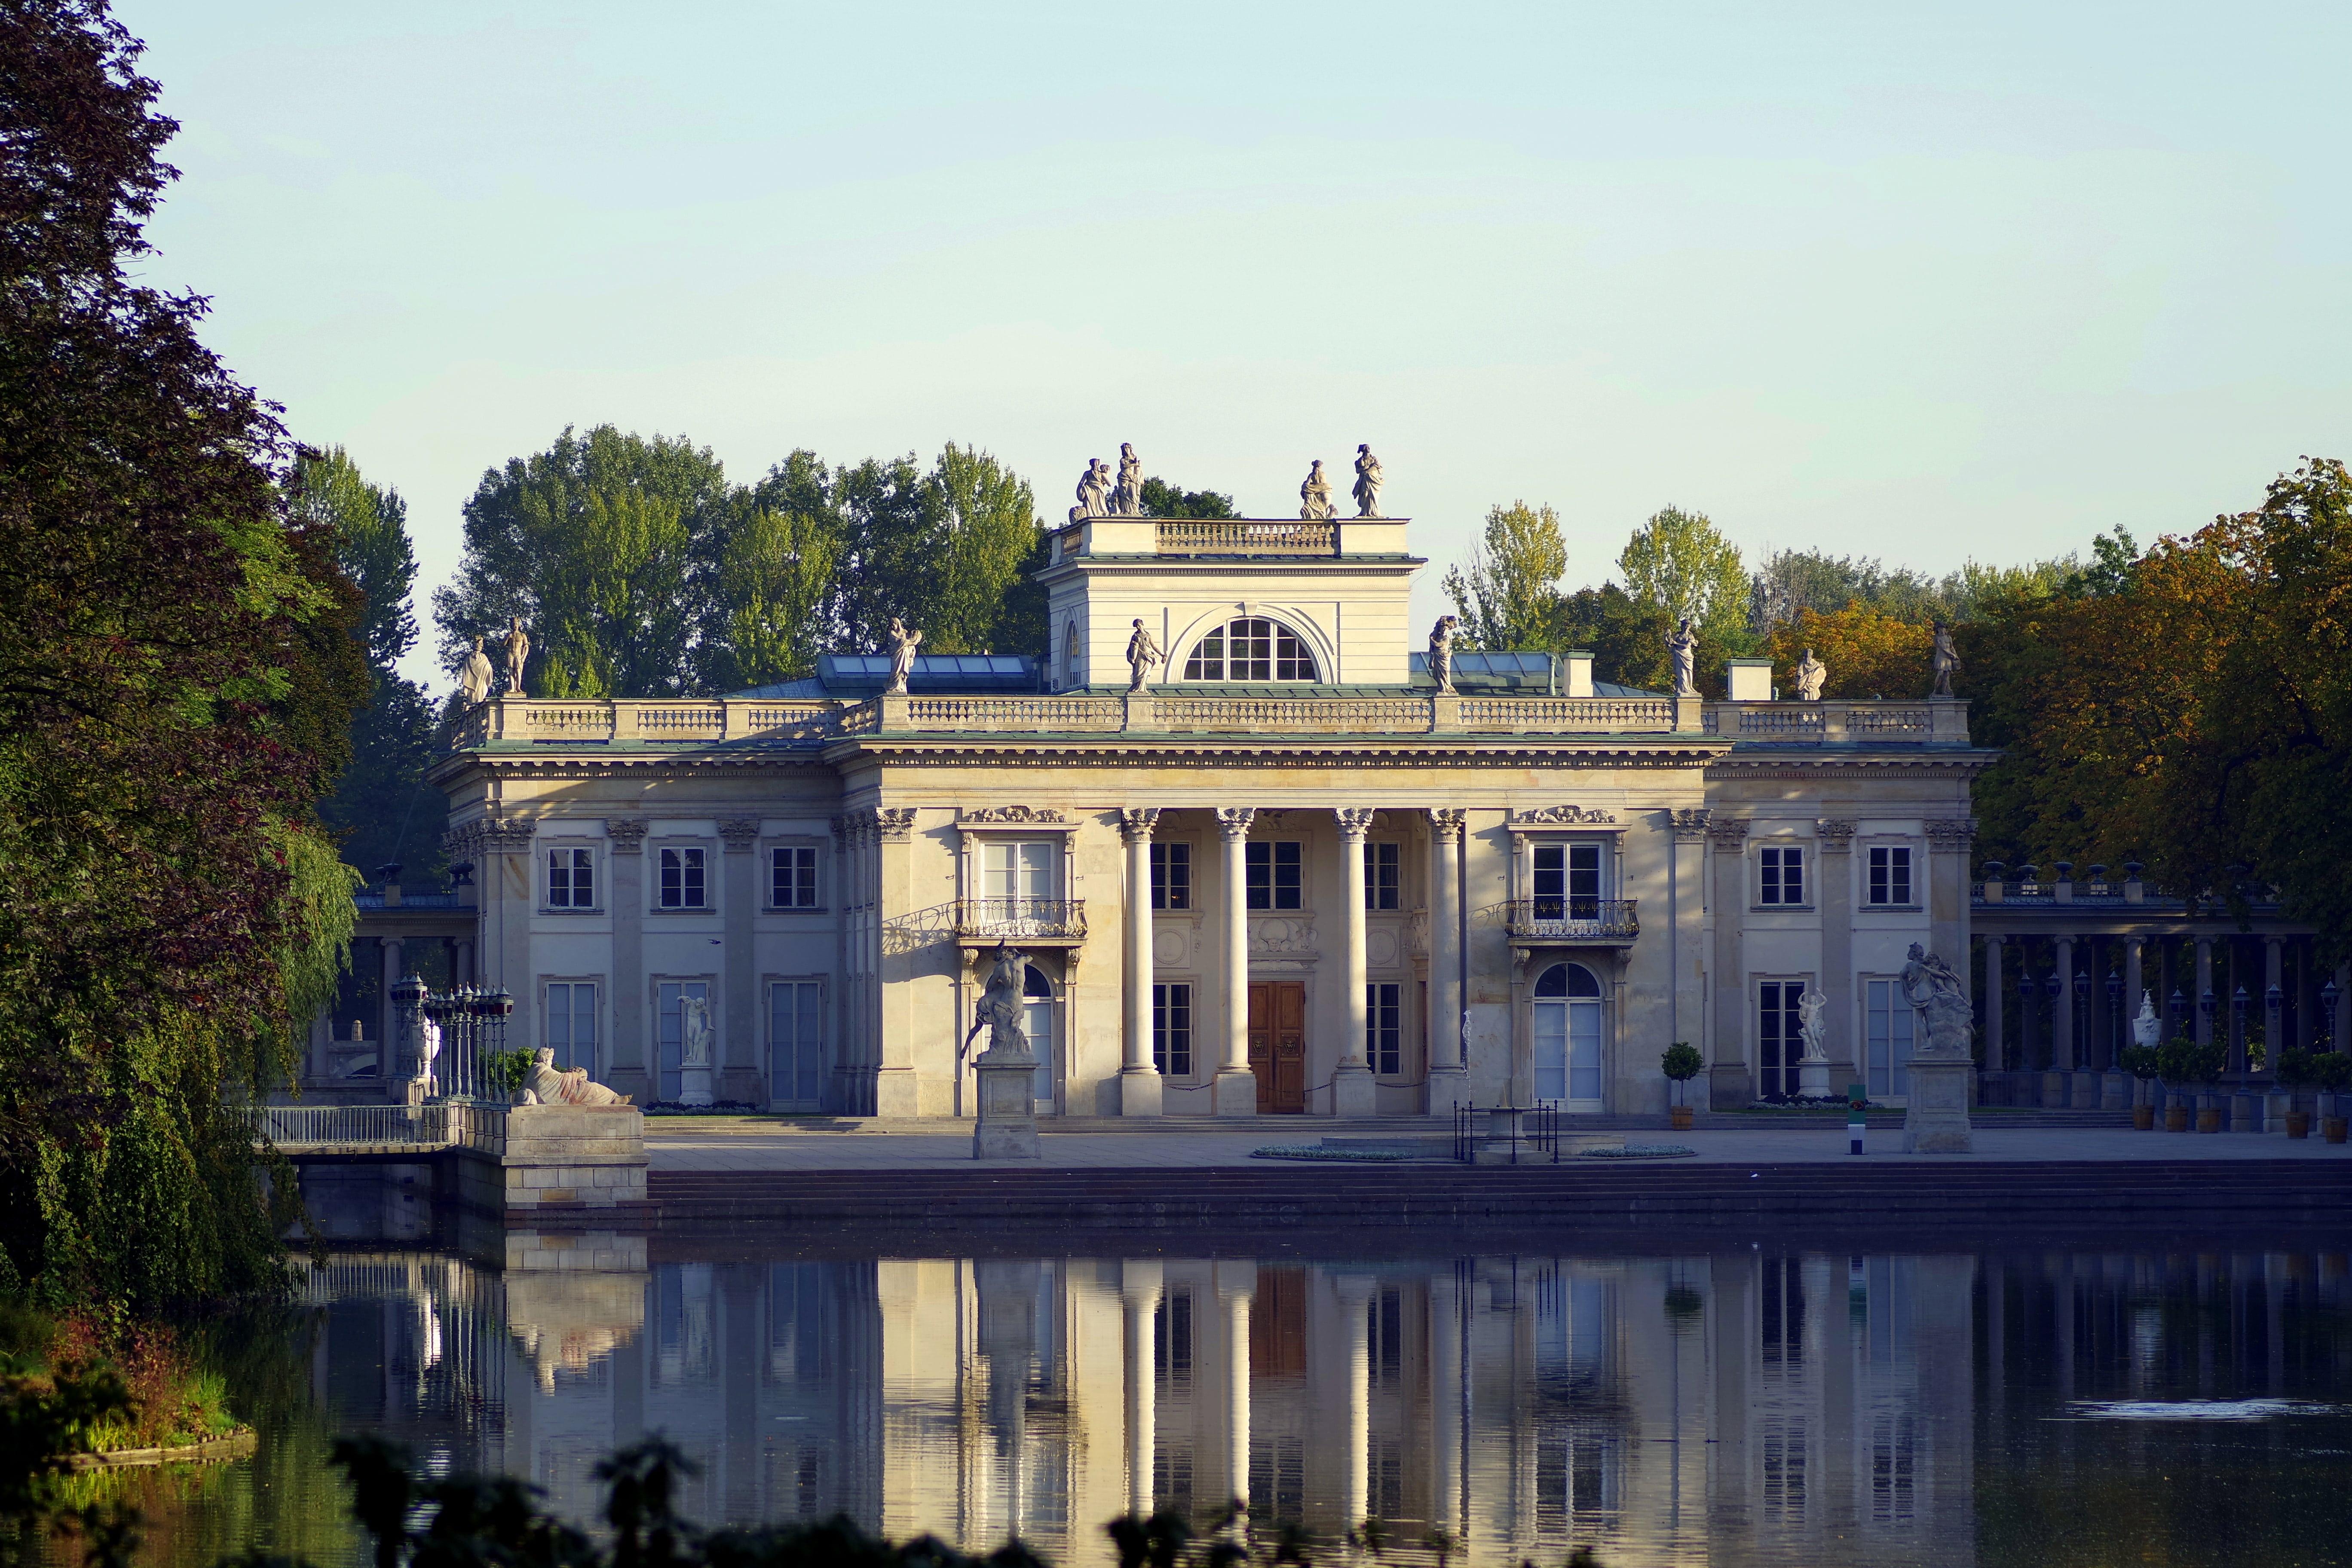 Парк Лазенки, поступить в Польшу, высшее образование в Польше, учеба в Польше, обучение в Польше, образовательный центр AMBASADOR